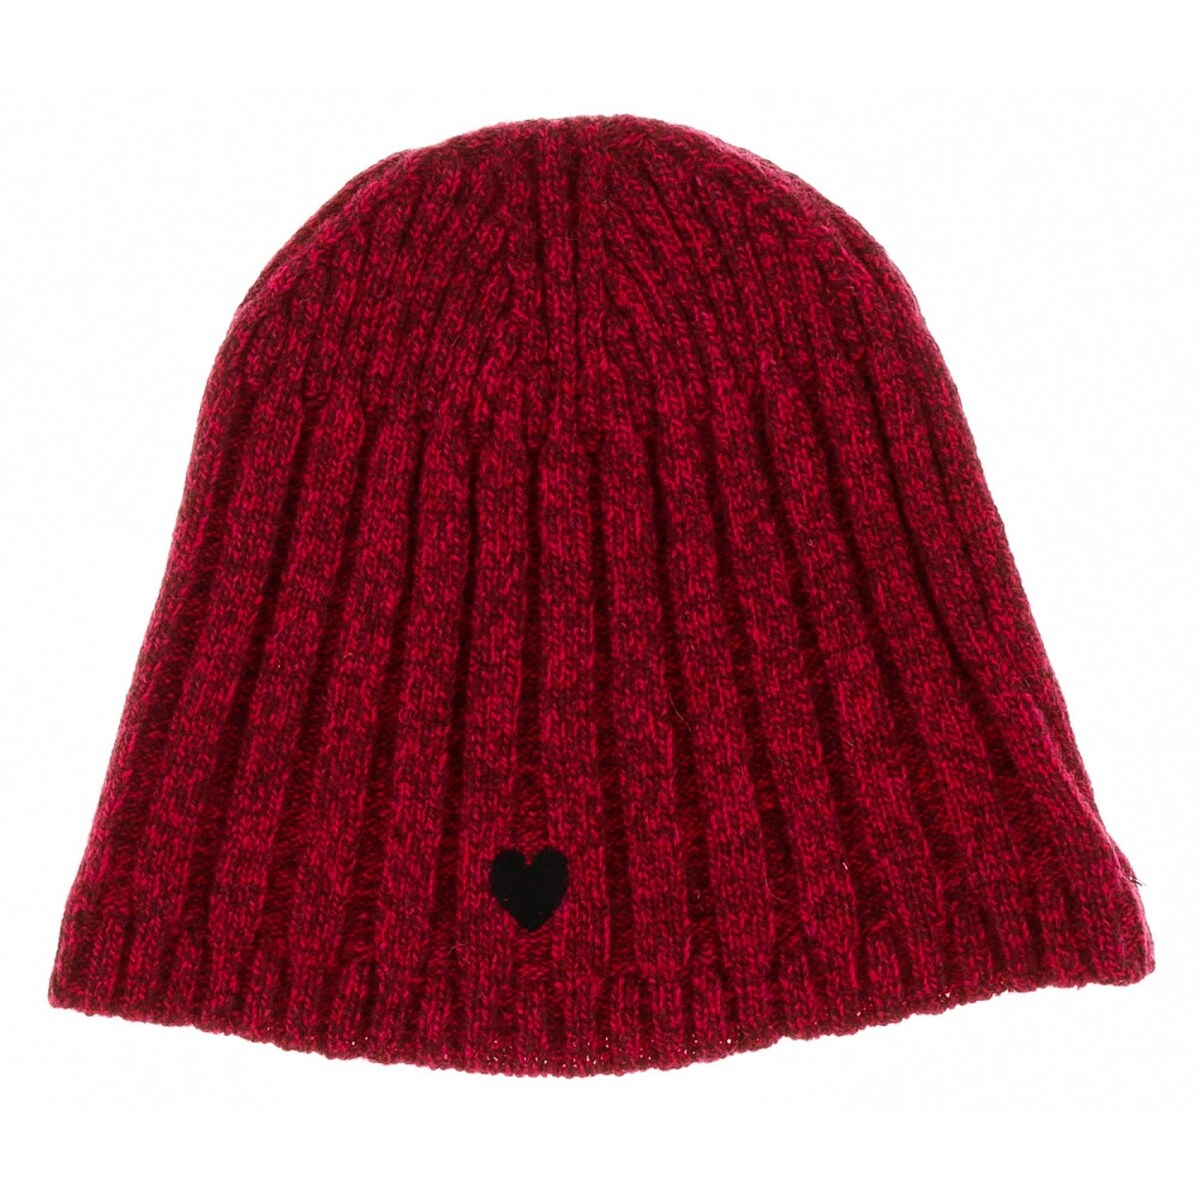 6253ed5ae01 Shop Moschino CAP01222 Wool Blend Chunky Ribbed Beanie Hat - One ...